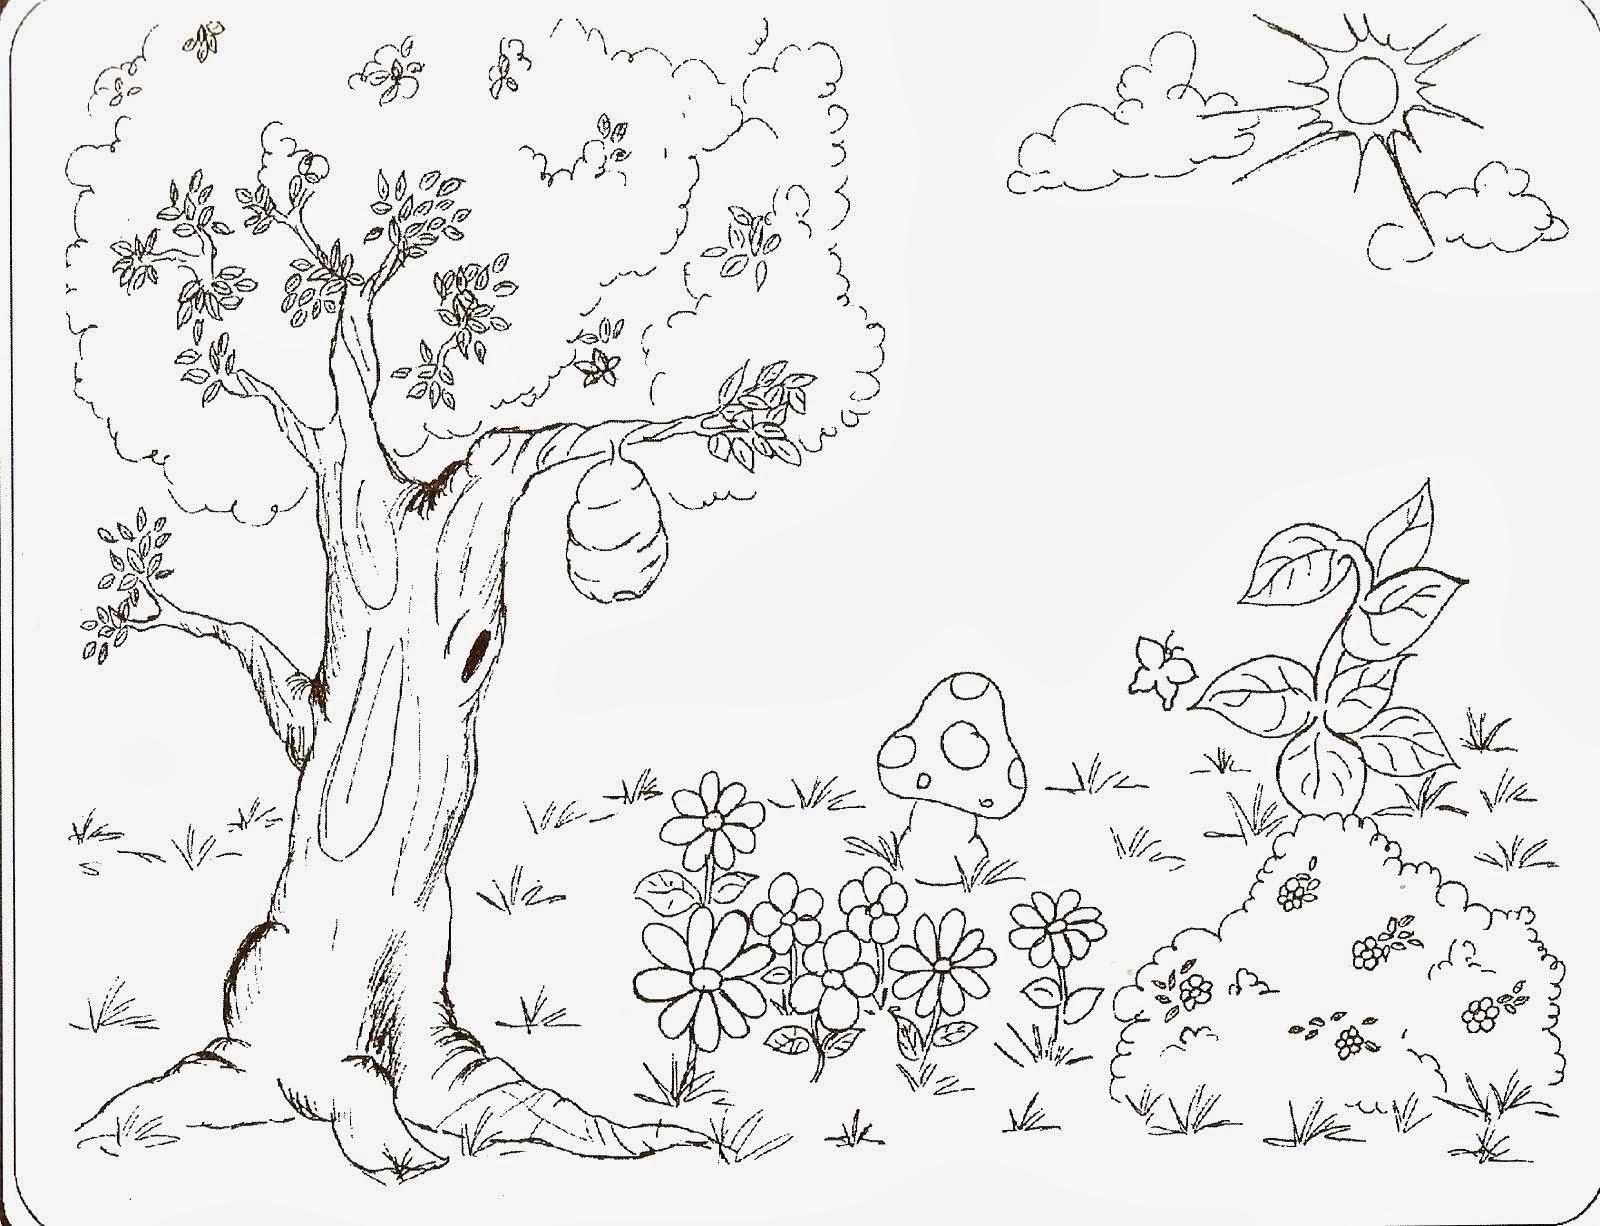 El renuevo de jehova la creacion imagenes para colorear - Dibujos para dibujar en la pared ...